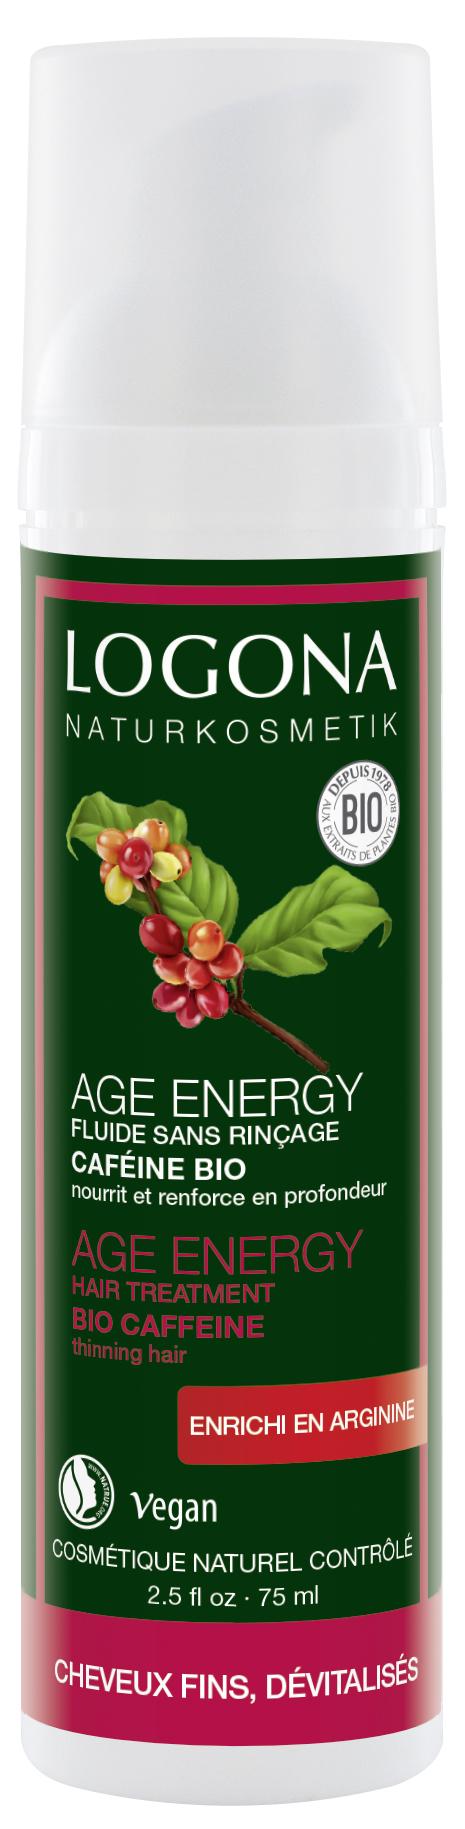 Age Energy kofeiiniga juuksehooldussprei Logona, 75 ml